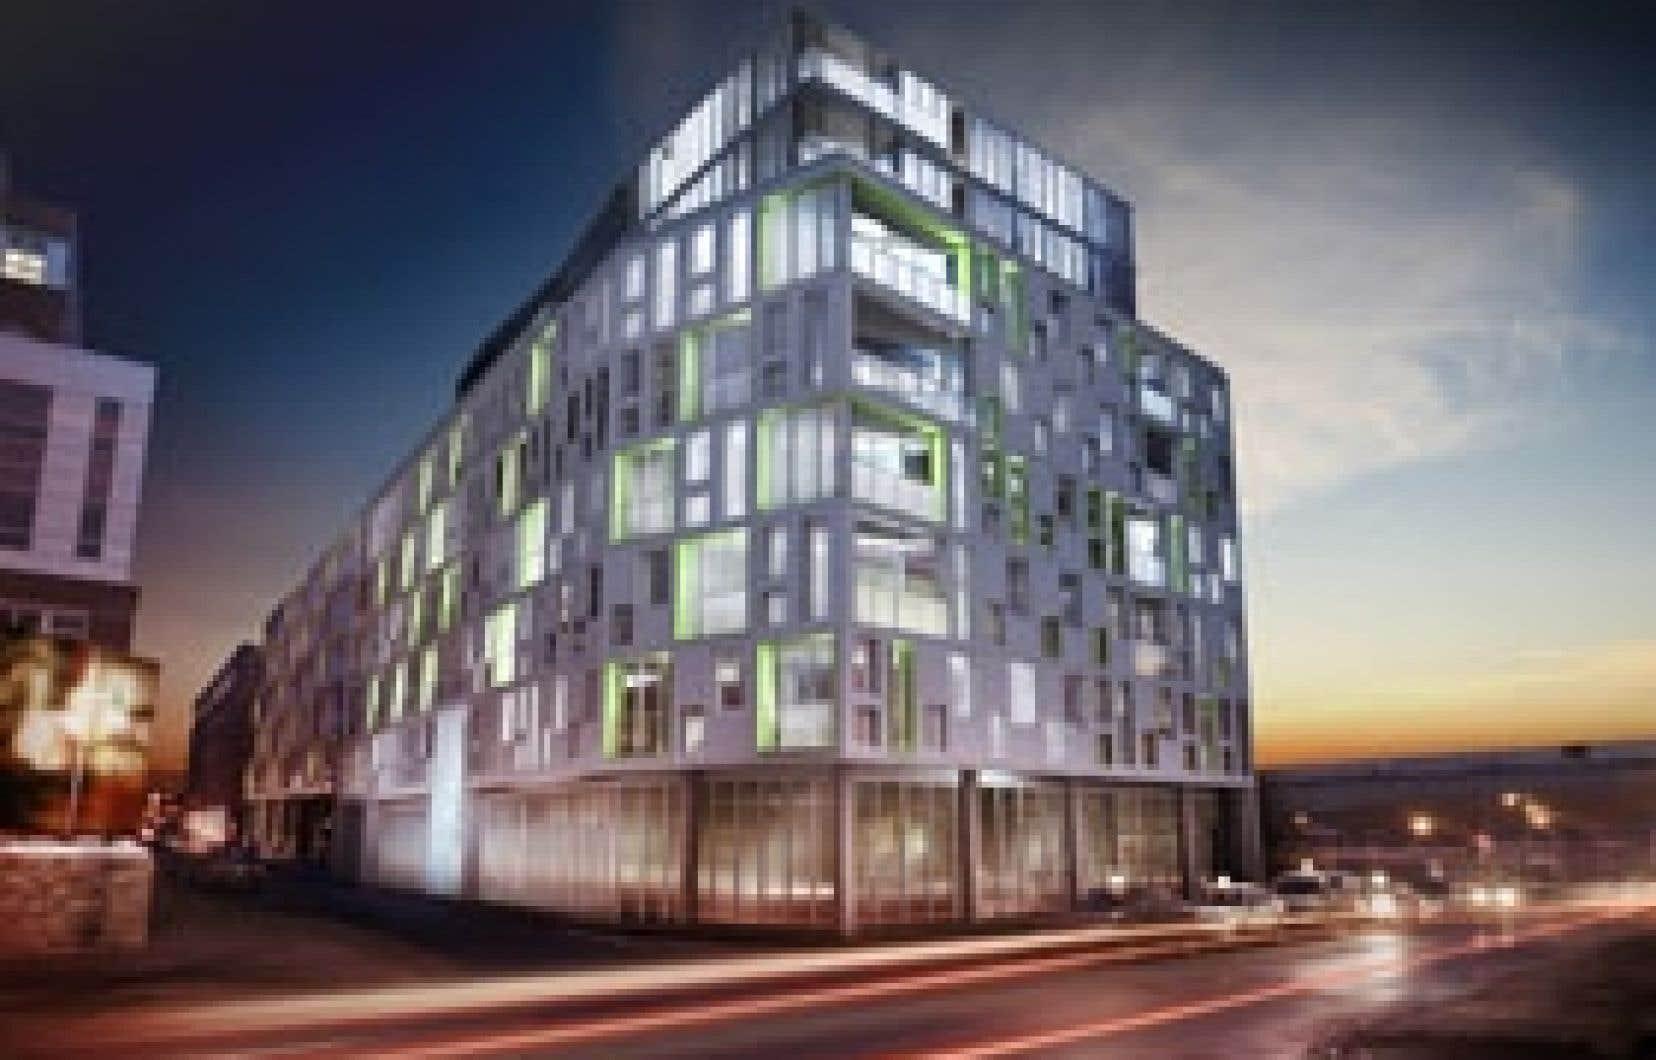 Le design du M9 Évolution, dans la Cité du multimédia, est hyper contemporain avec toutes ses fenêtres de grandeurs différentes qui donnent un aspect très dynamique à l'édifice.